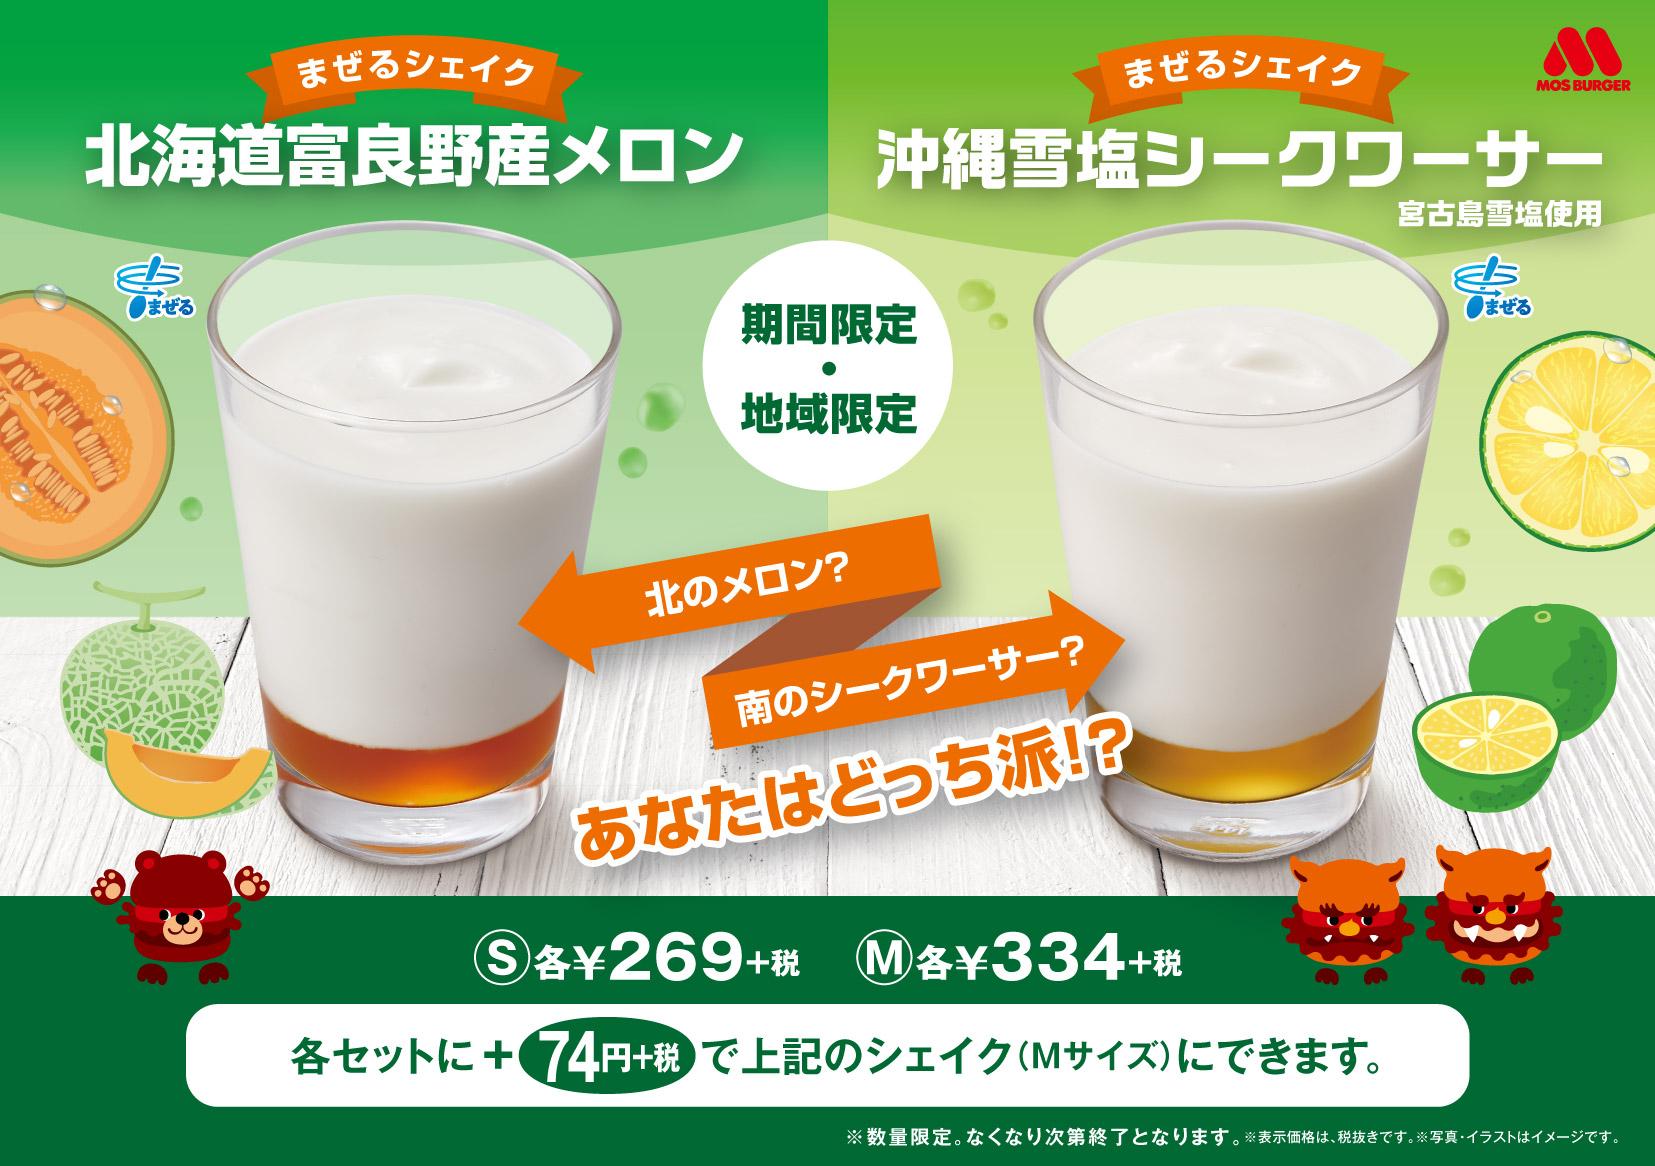 モスバーガーがご当地シェイク「北海道富良野産メロン」を地域限定発売